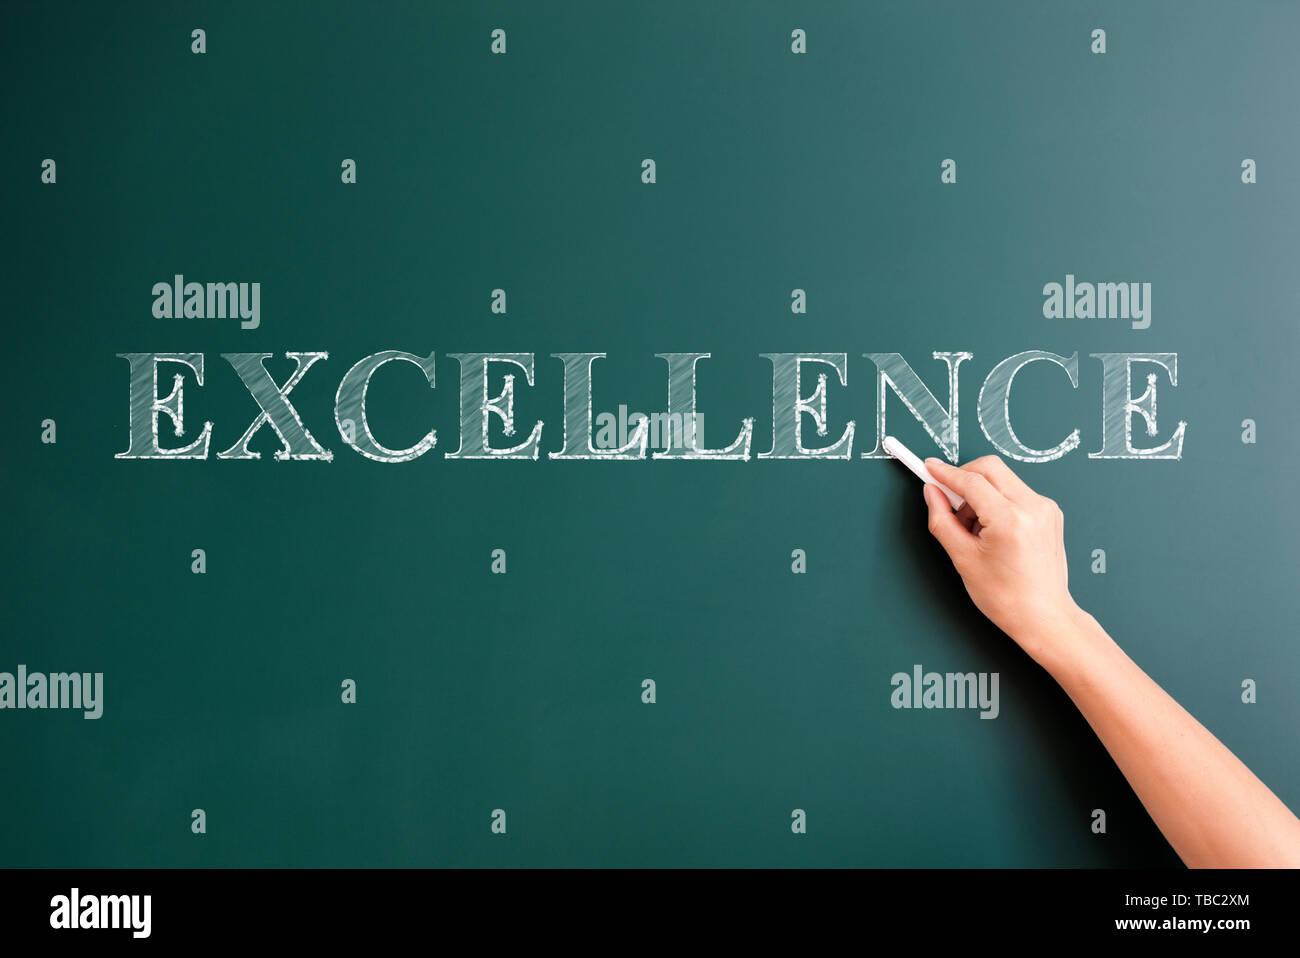 excellence written on blackboard - Stock Image